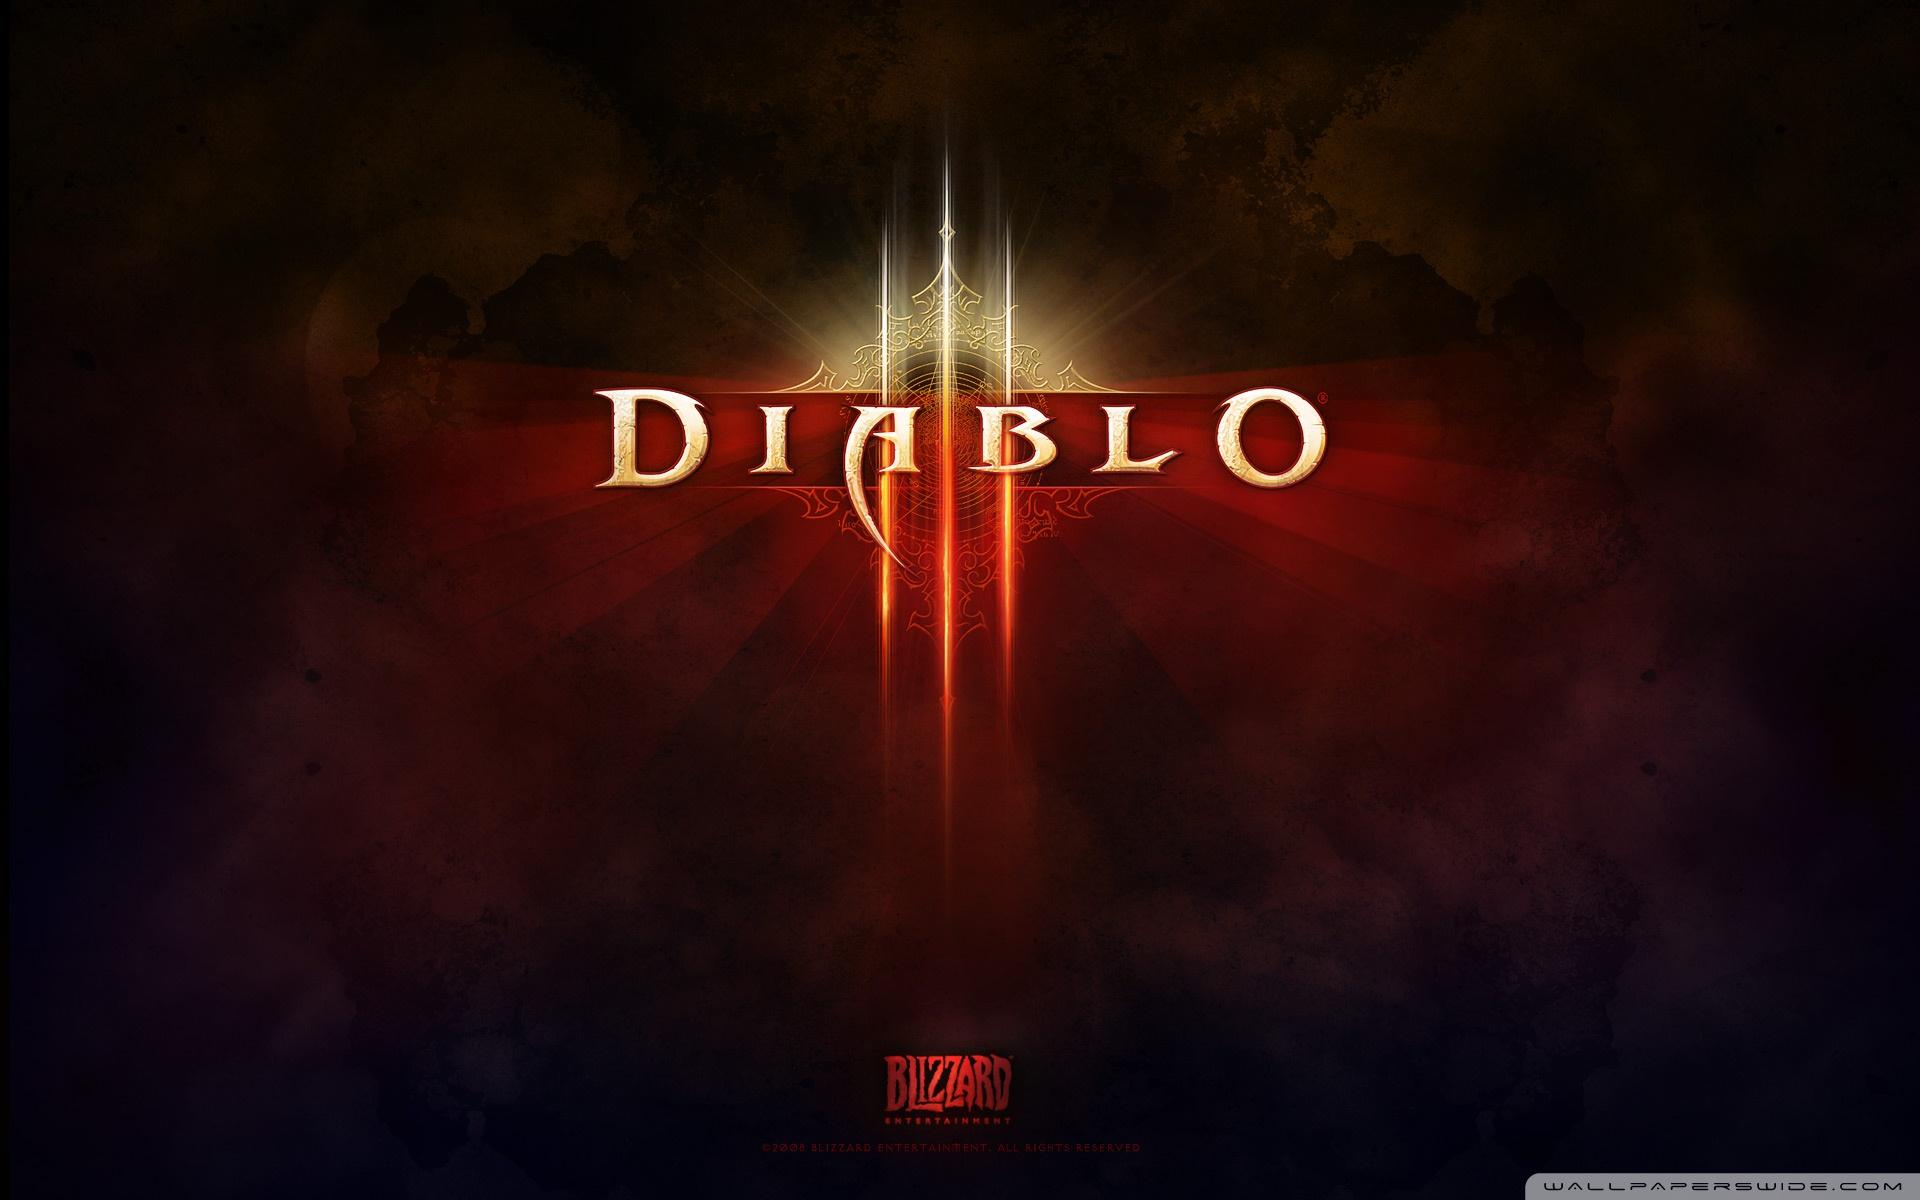 Diablo III HD Wide Wallpaper for Widescreen